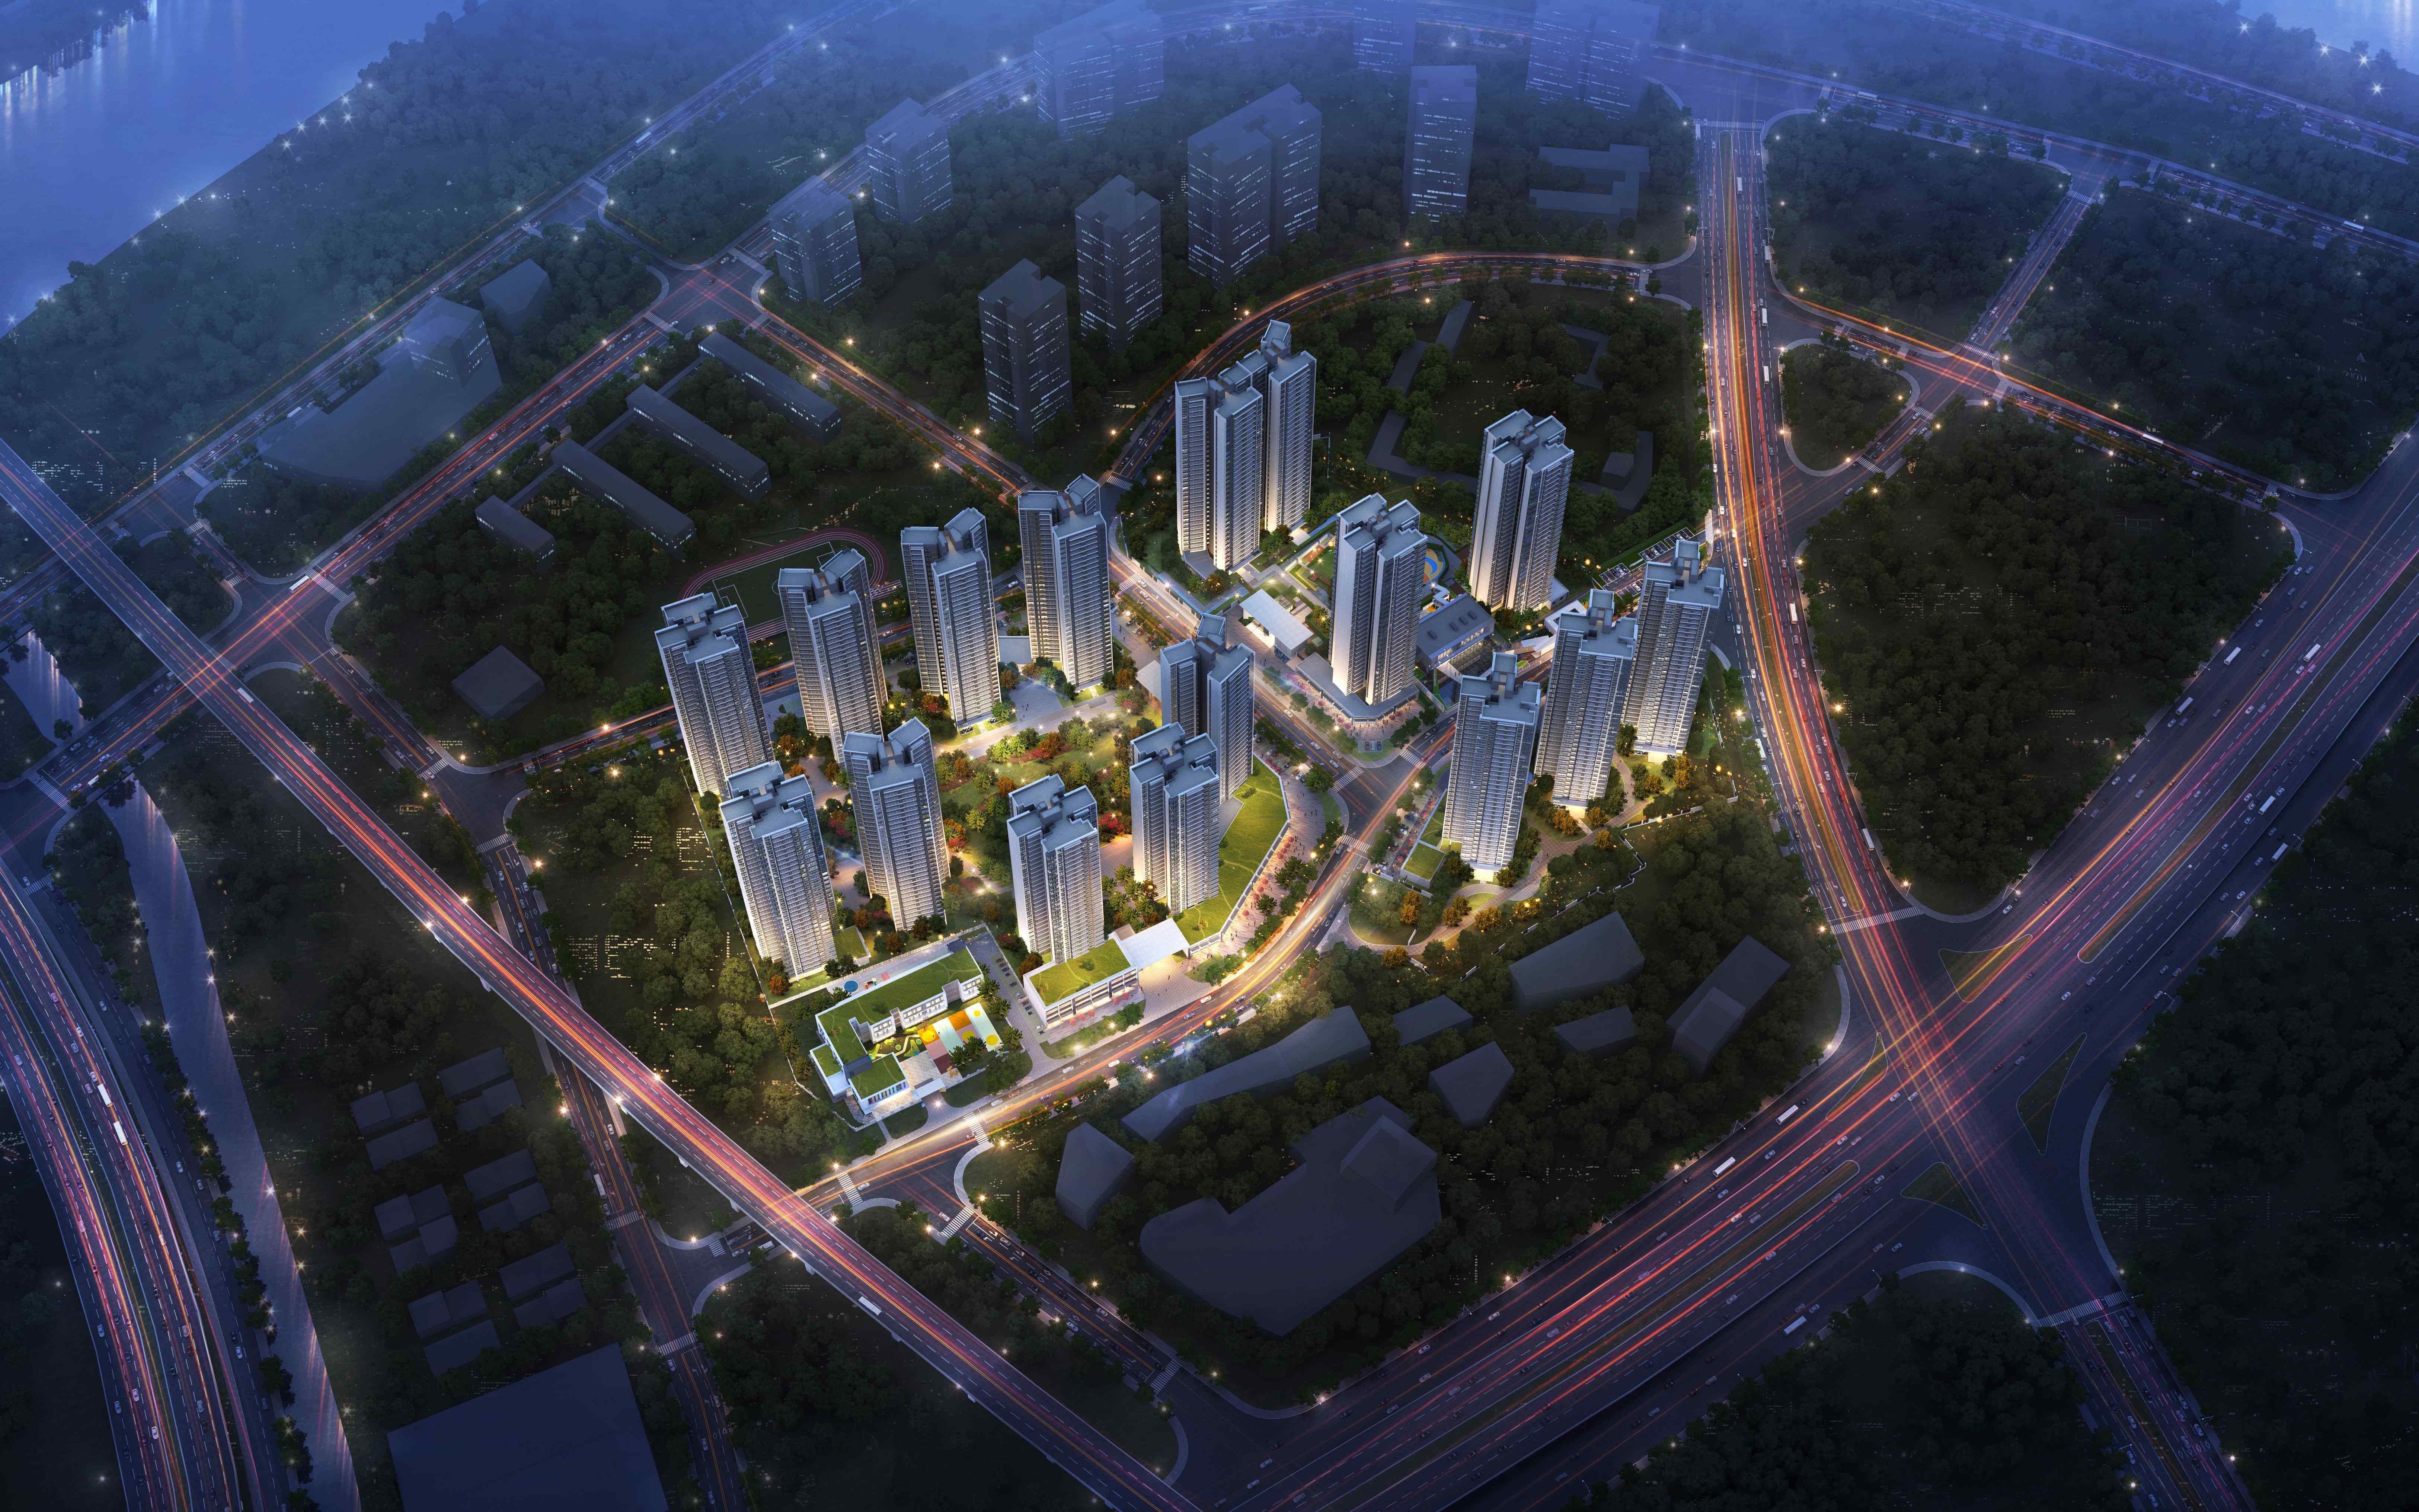 大手笔!175亿推进城市更新,强中心禅城正在此下一步大棋